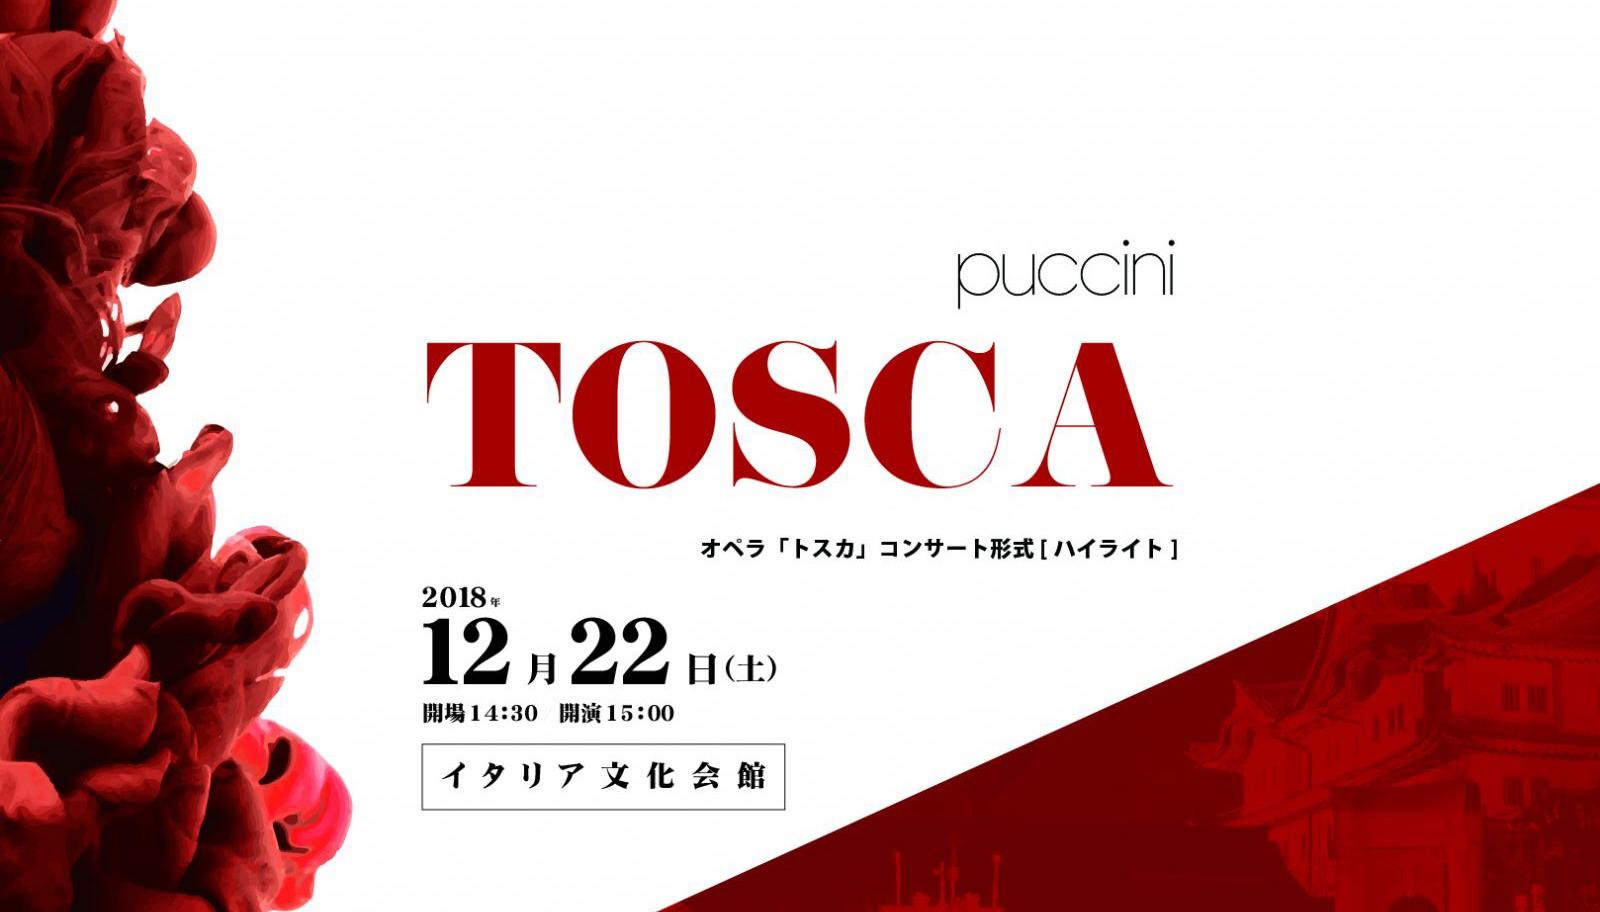 オペラ「トスカ」ハイライト コンサート形式